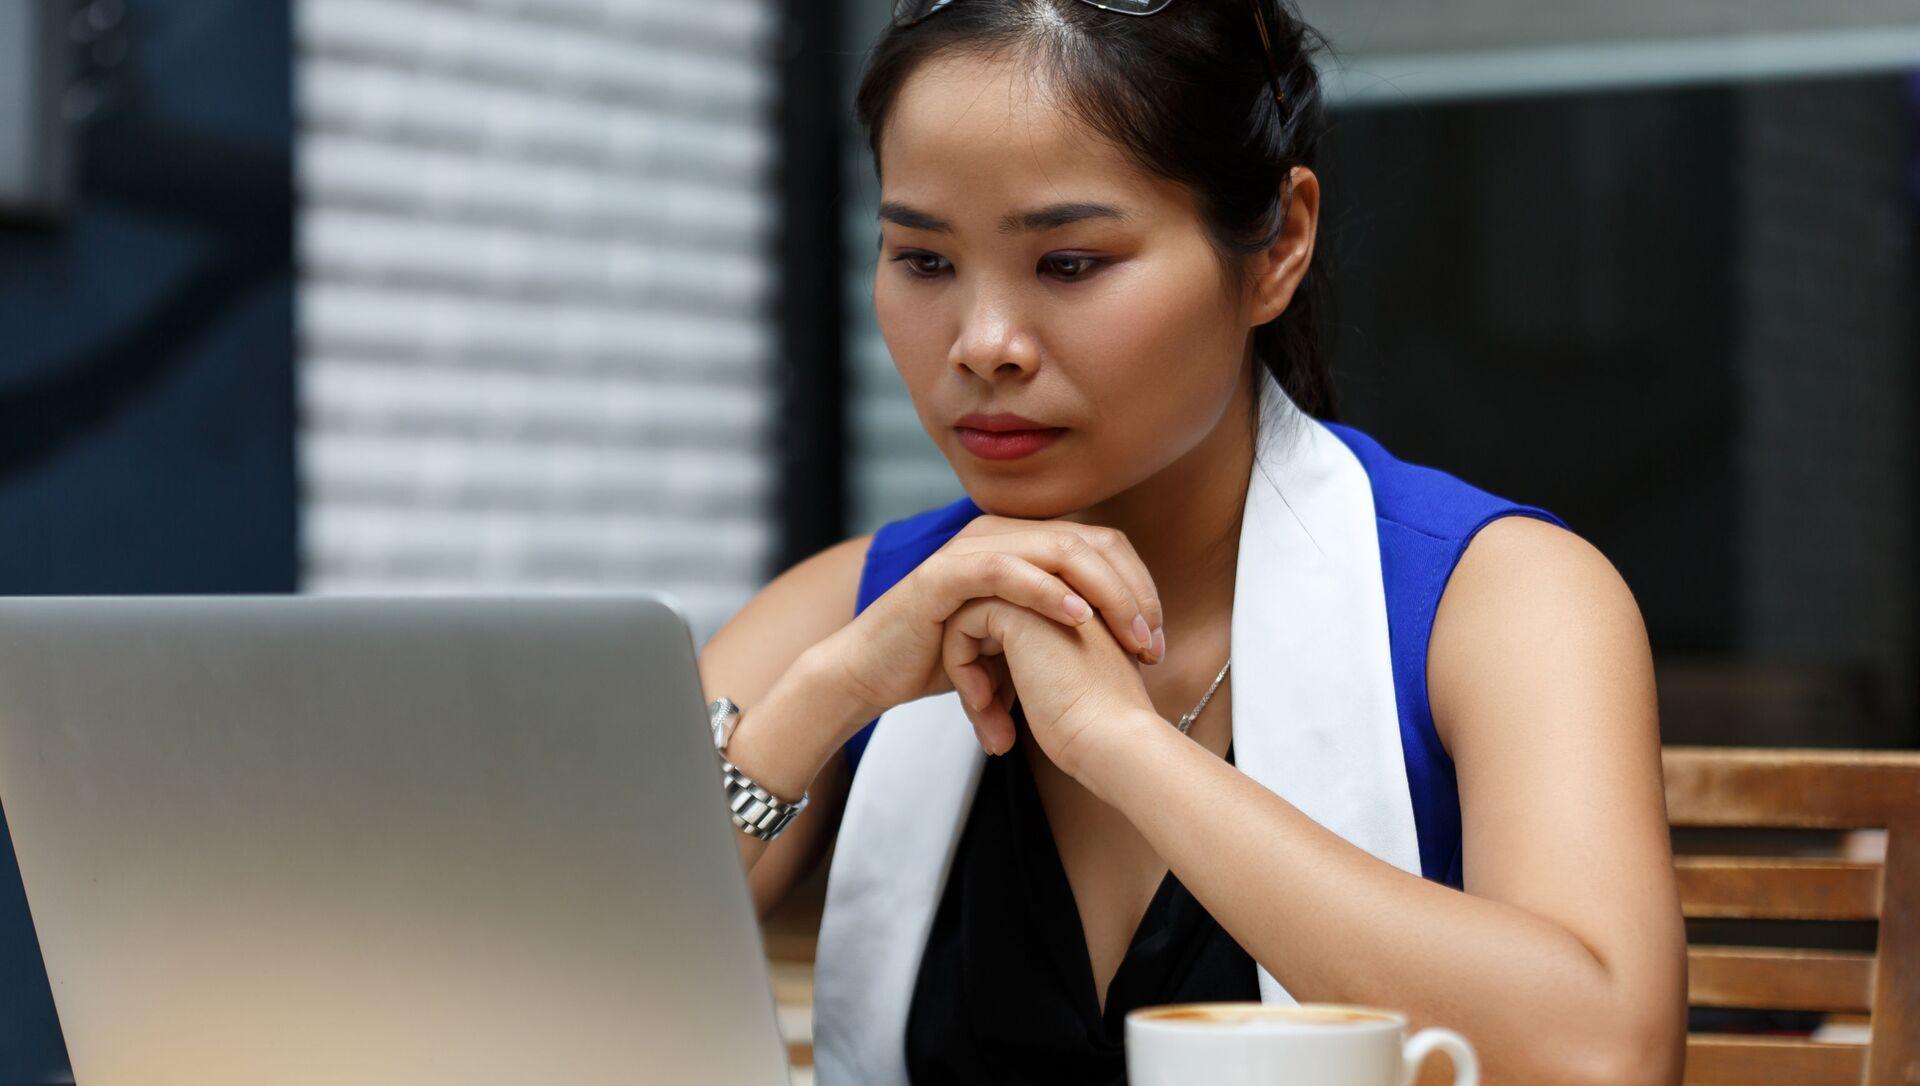 Cô gái cùng chiếc máy tính xách tay. - Sputnik Việt Nam, 1920, 25.03.2021